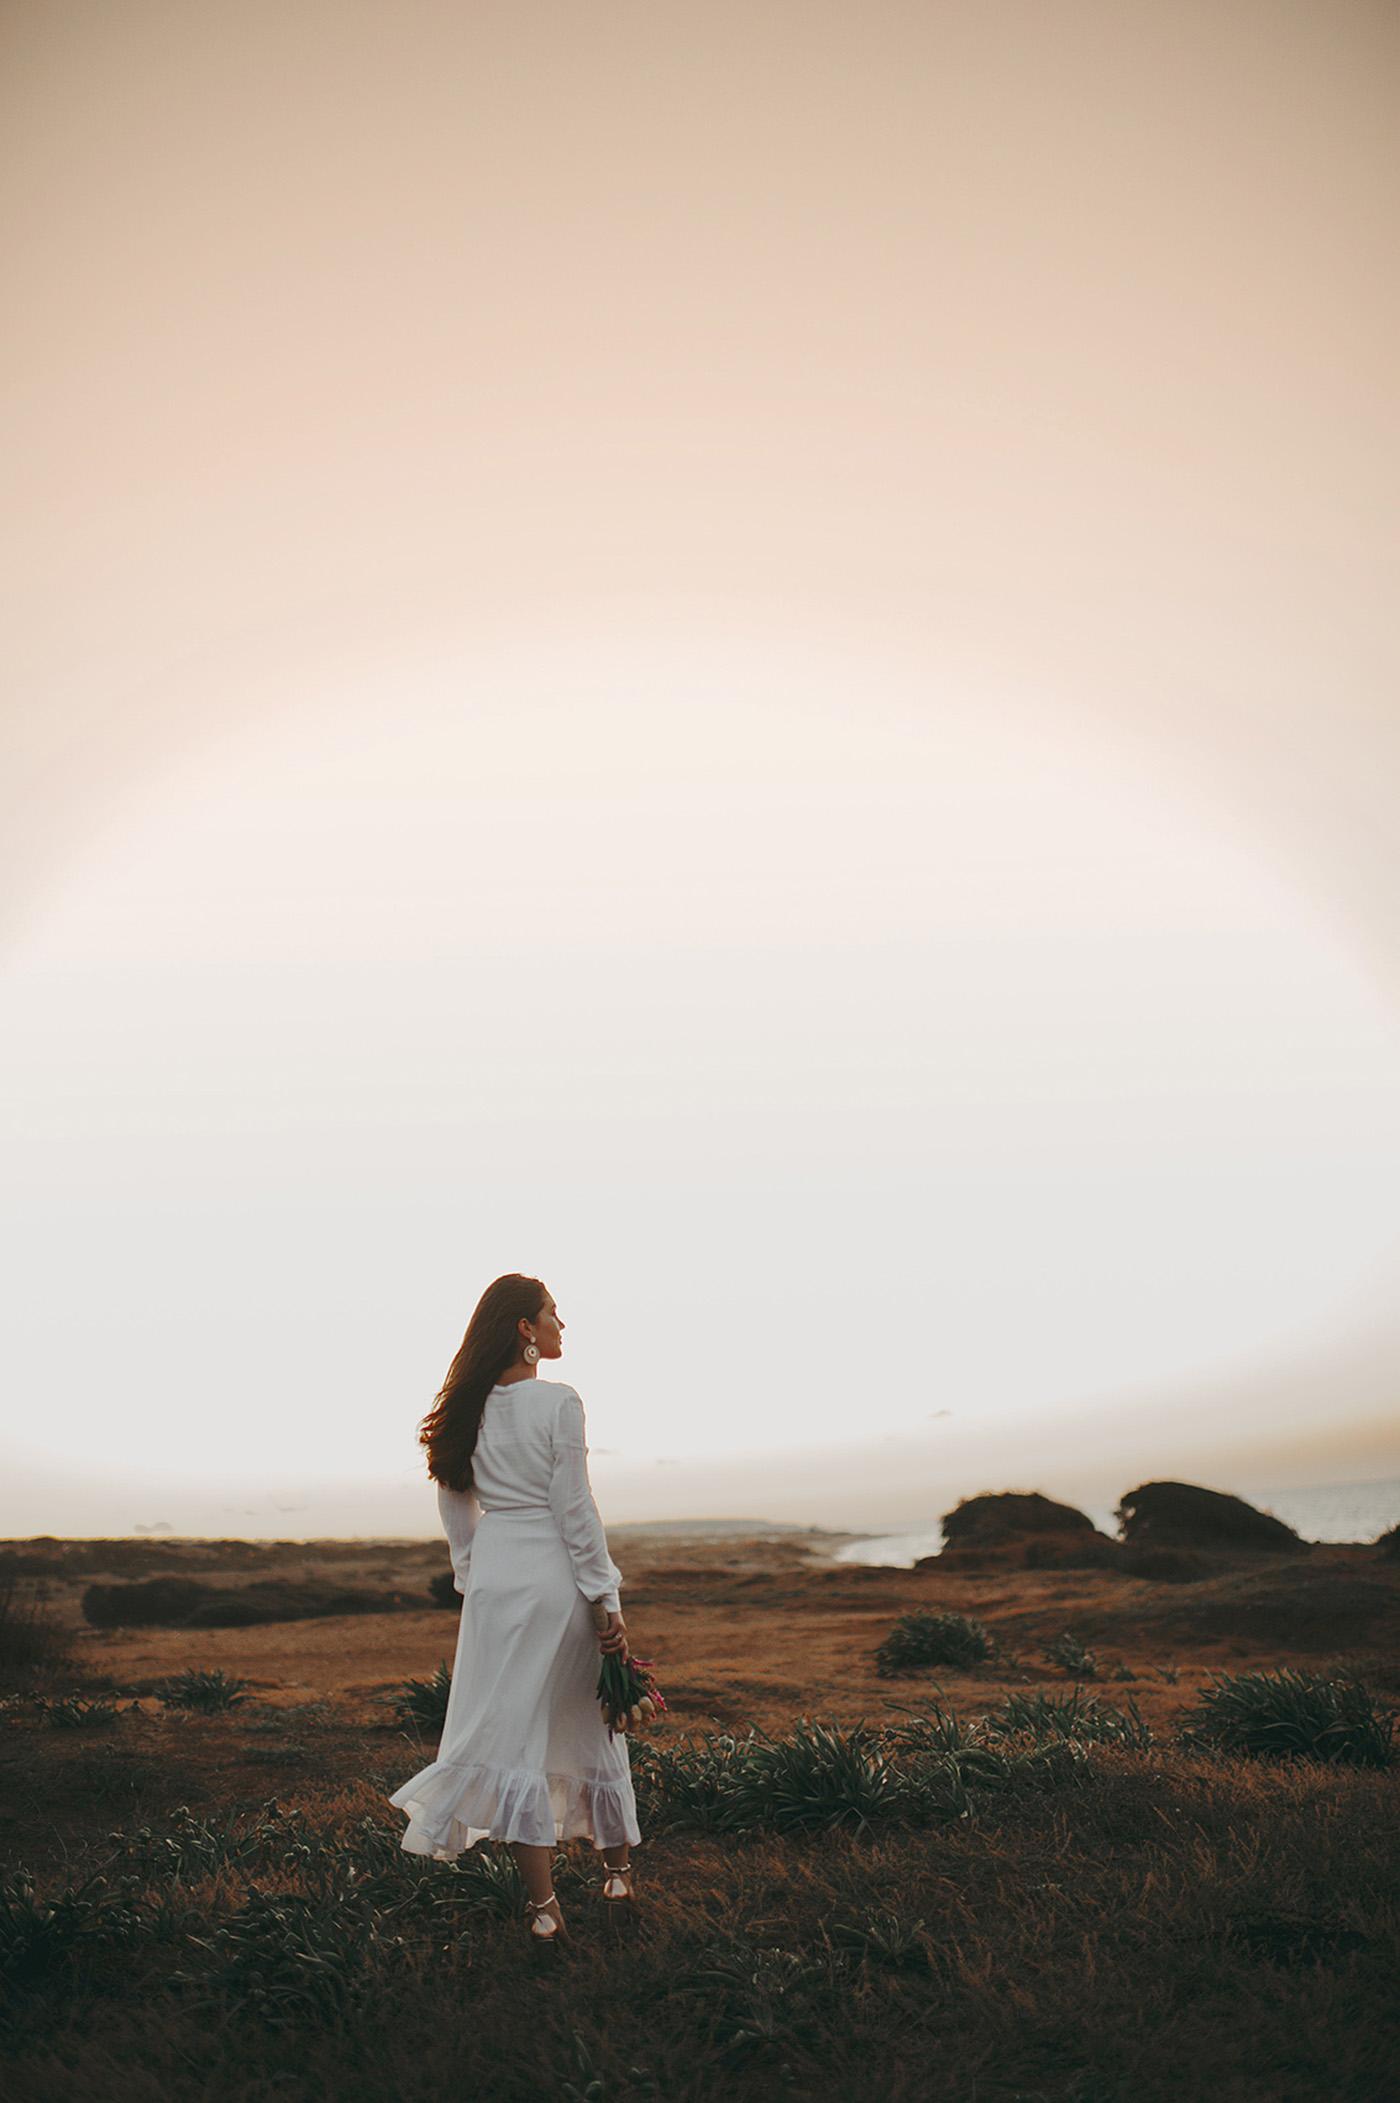 büyükçekmece düğün fotoğrafçısı, büyükçekmece fotoğrafçı, büyükçekmece gelin damat fotoğrafçısı, büyükçekmece dış mekan çekimleri, büyükçekmece foto çekim